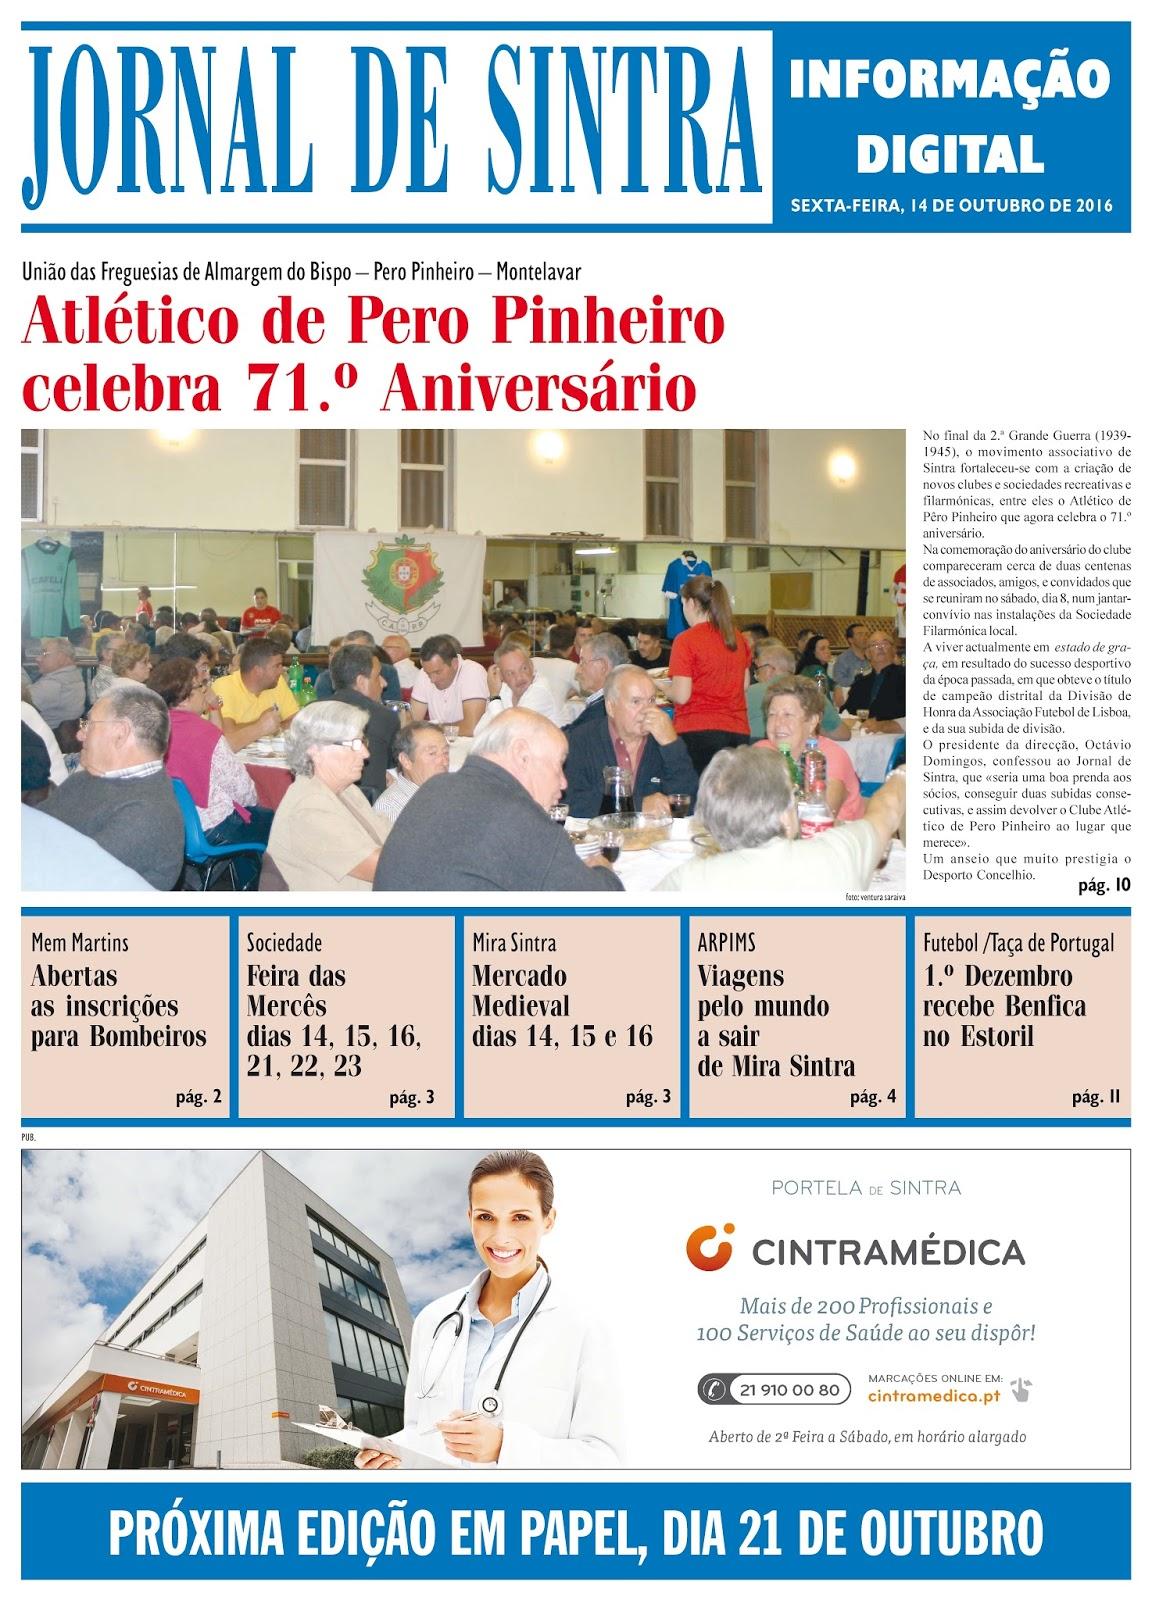 Capa da edição de 14-10-2016